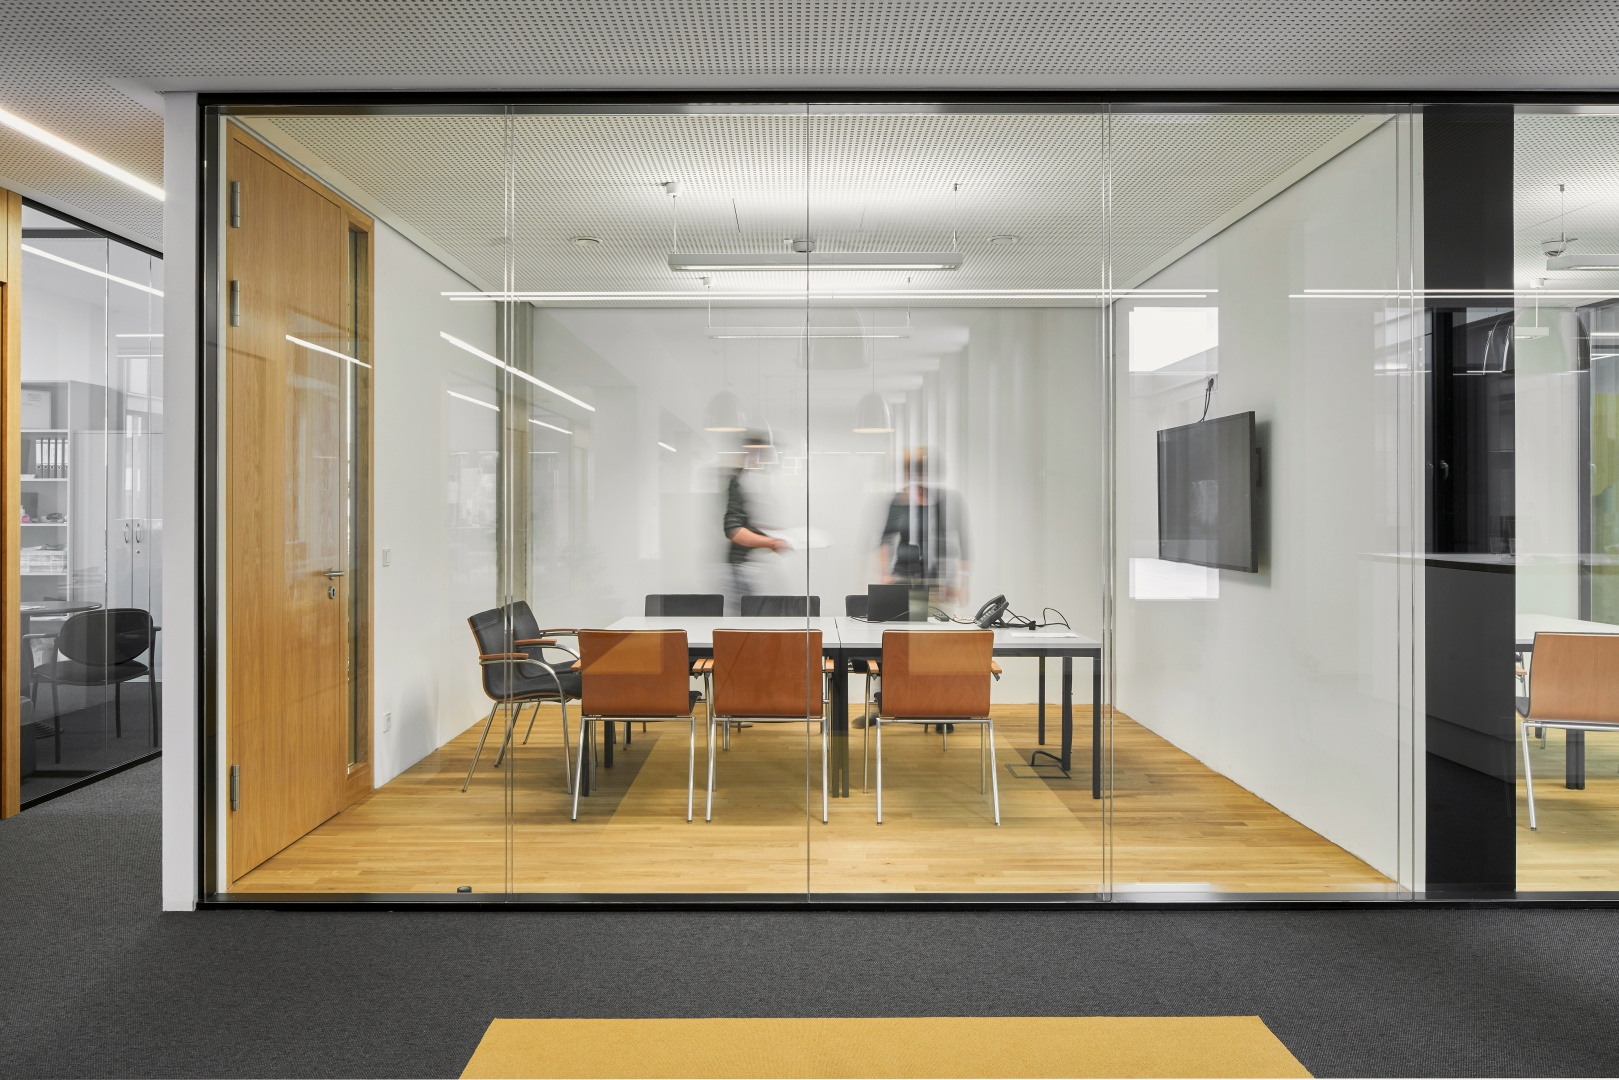 Im Innenraum herrschen helle Farben vor, lediglich  die teilweise dunklen Bodenbeläge greifen das Farbschema der Fassade auf. © Jens Willebrand